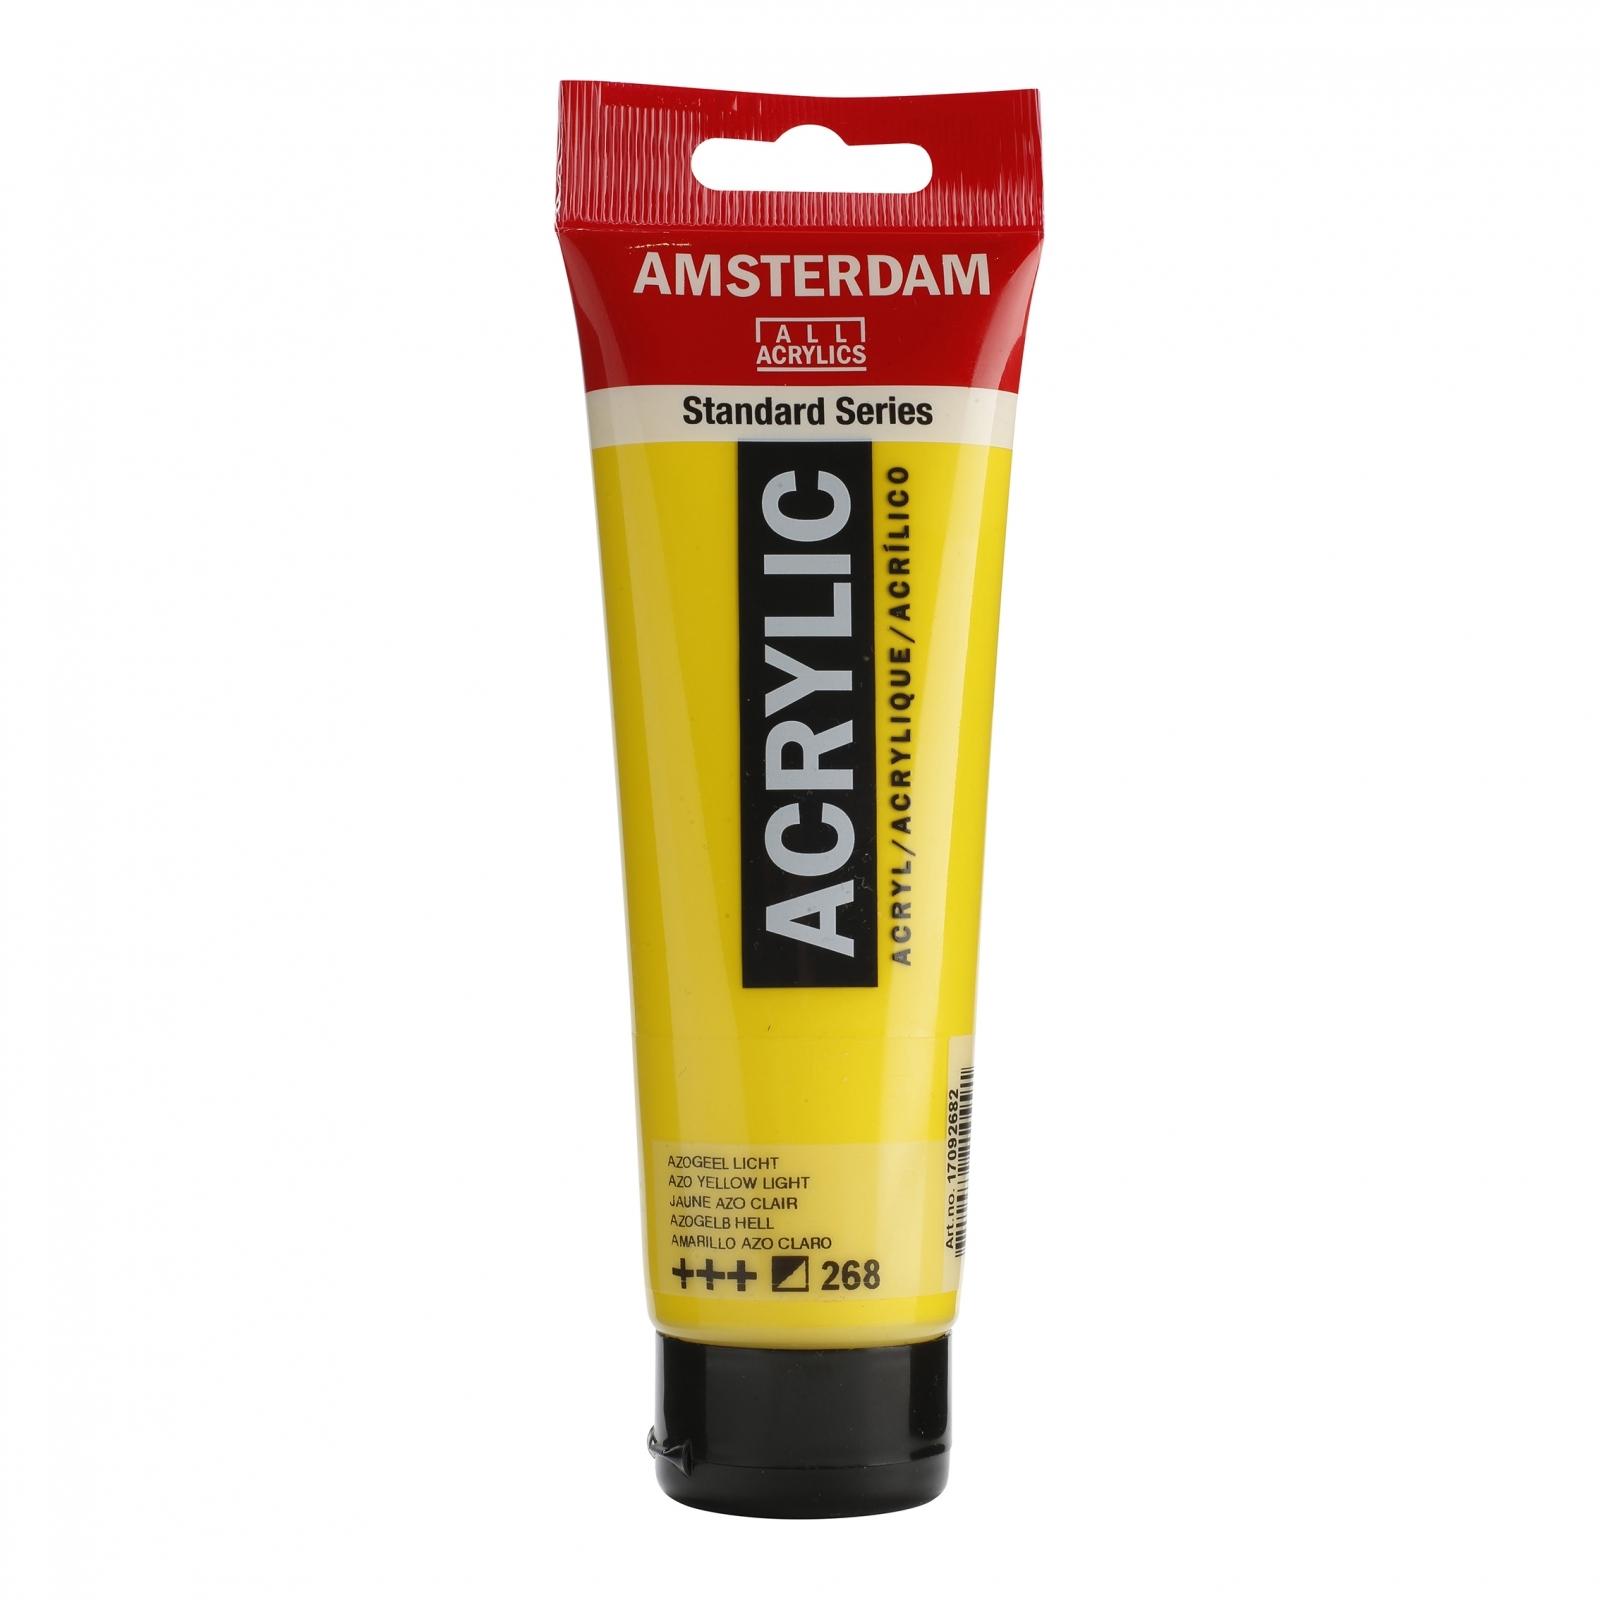 Tinta Acrílica Amsterdam Amarelo Azo Claro 120ml (+++268) - Papelaria Botafogo